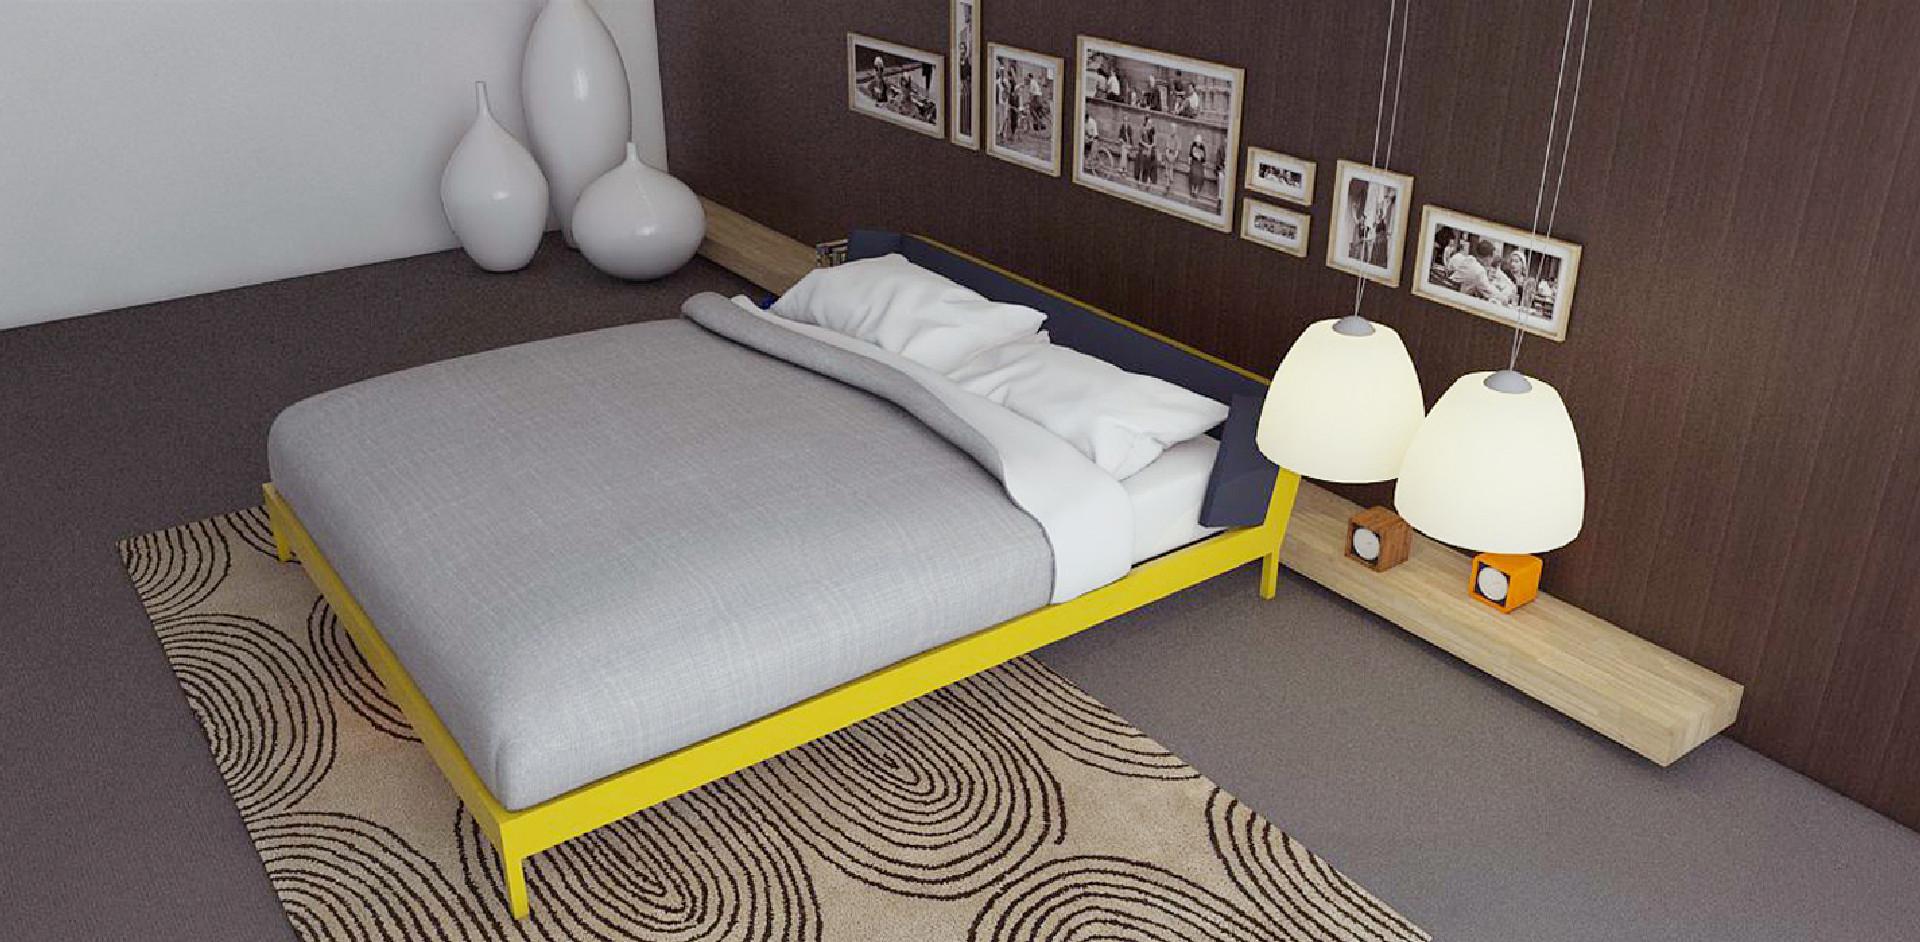 3 Wim Celis Aluminium bed 3_OK